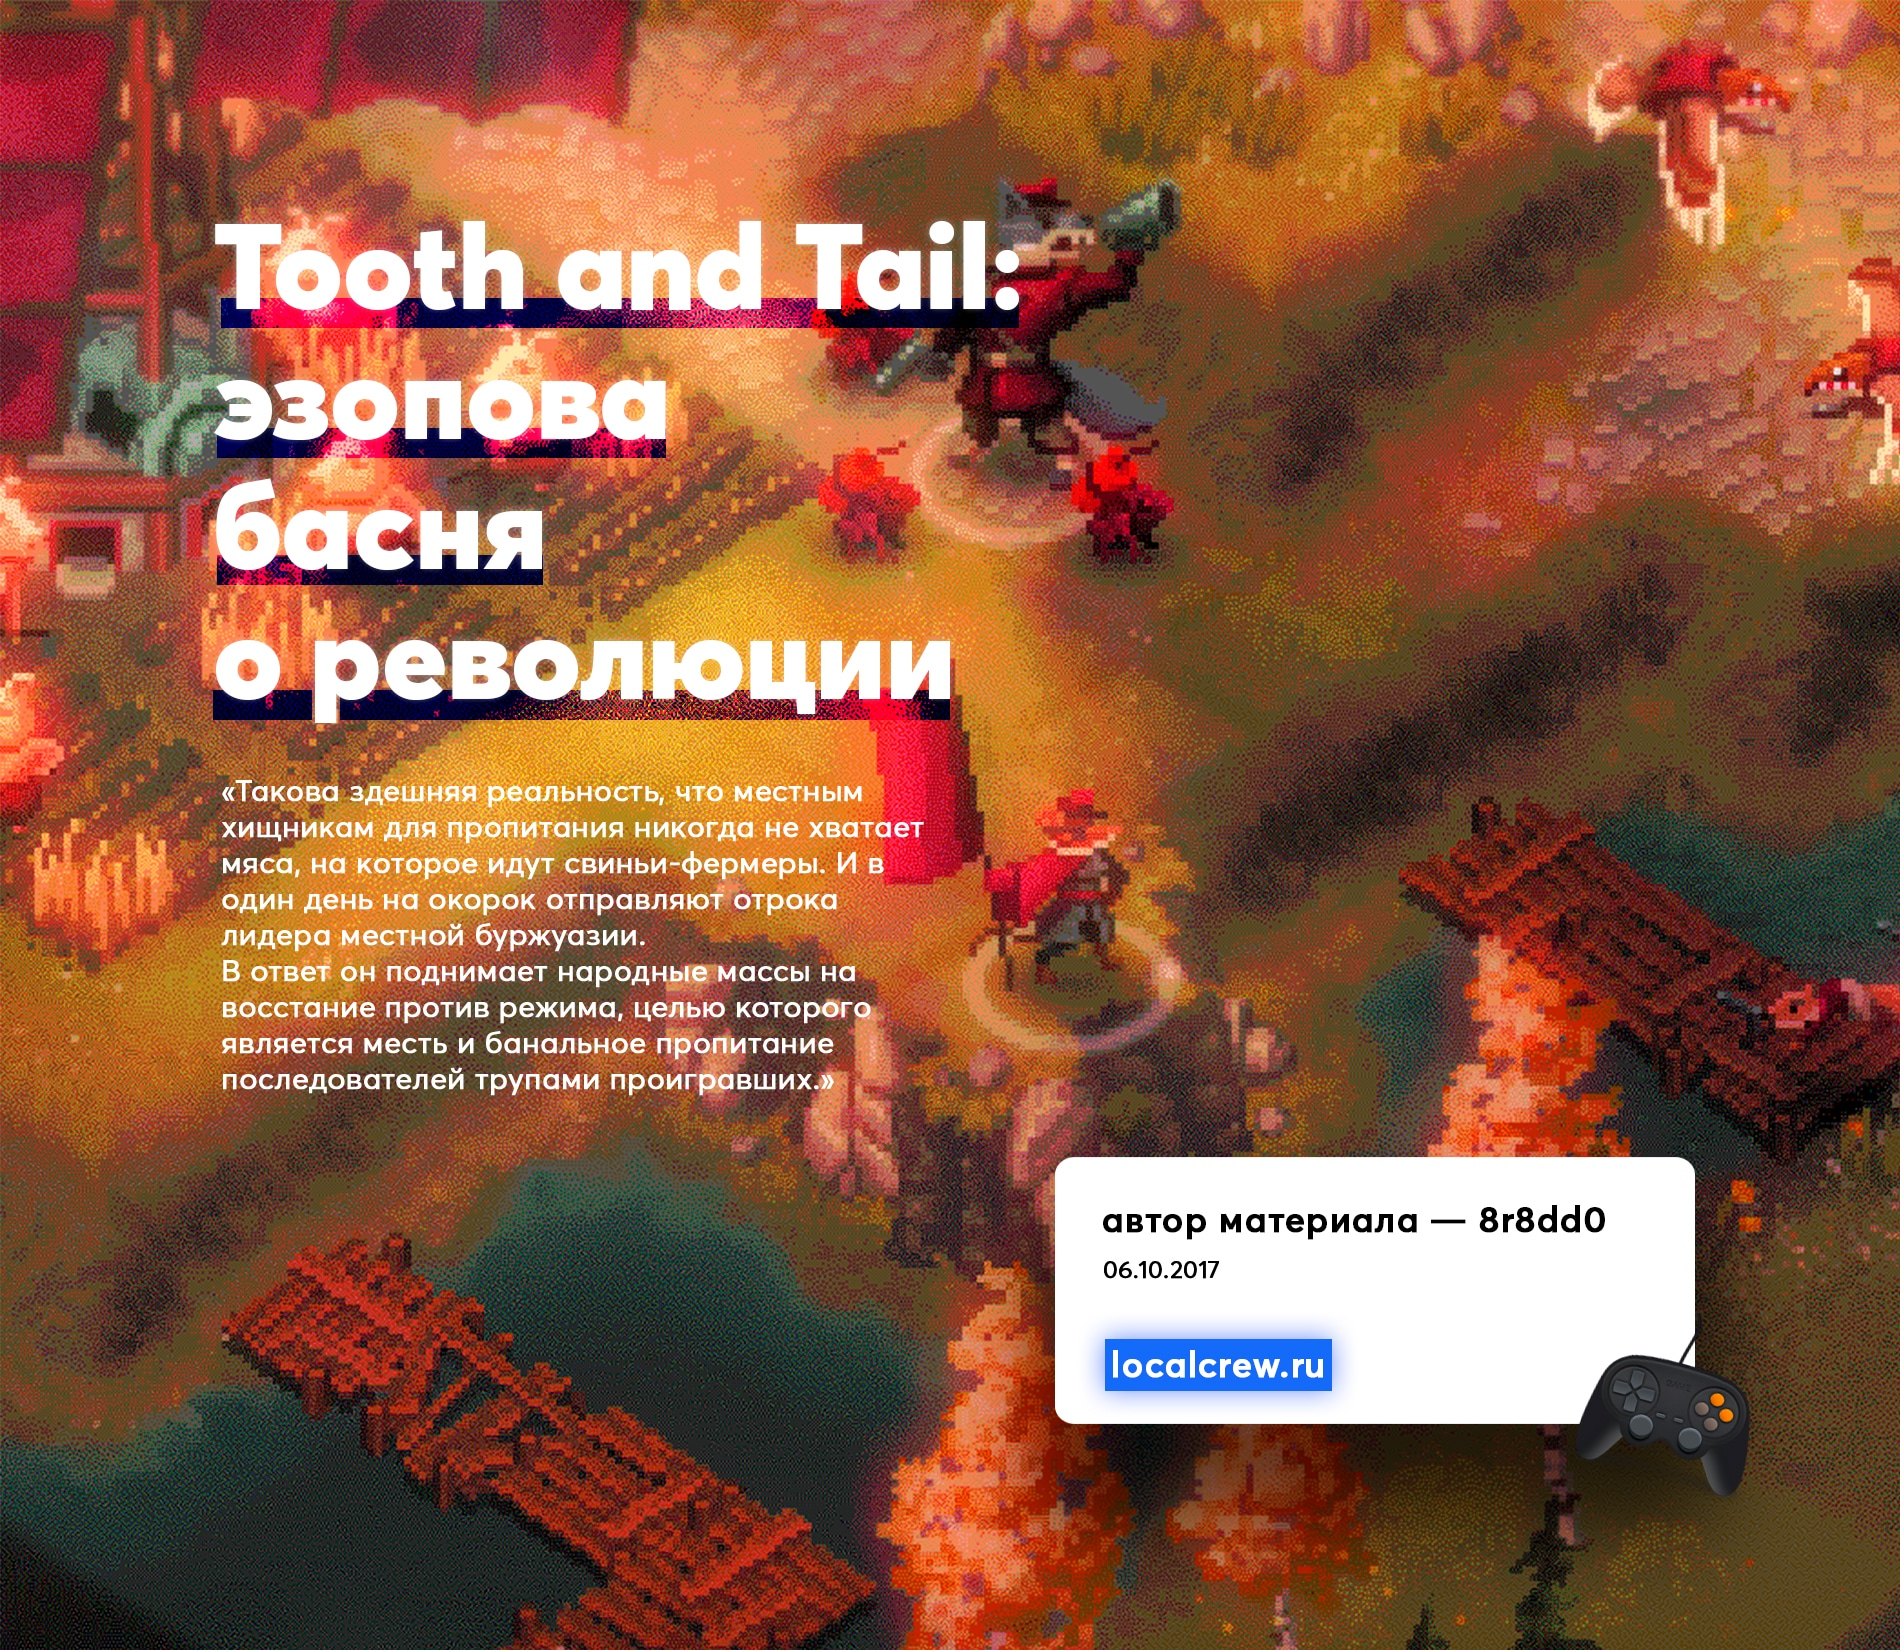 Tooth and Tail: эзопова басня о революции